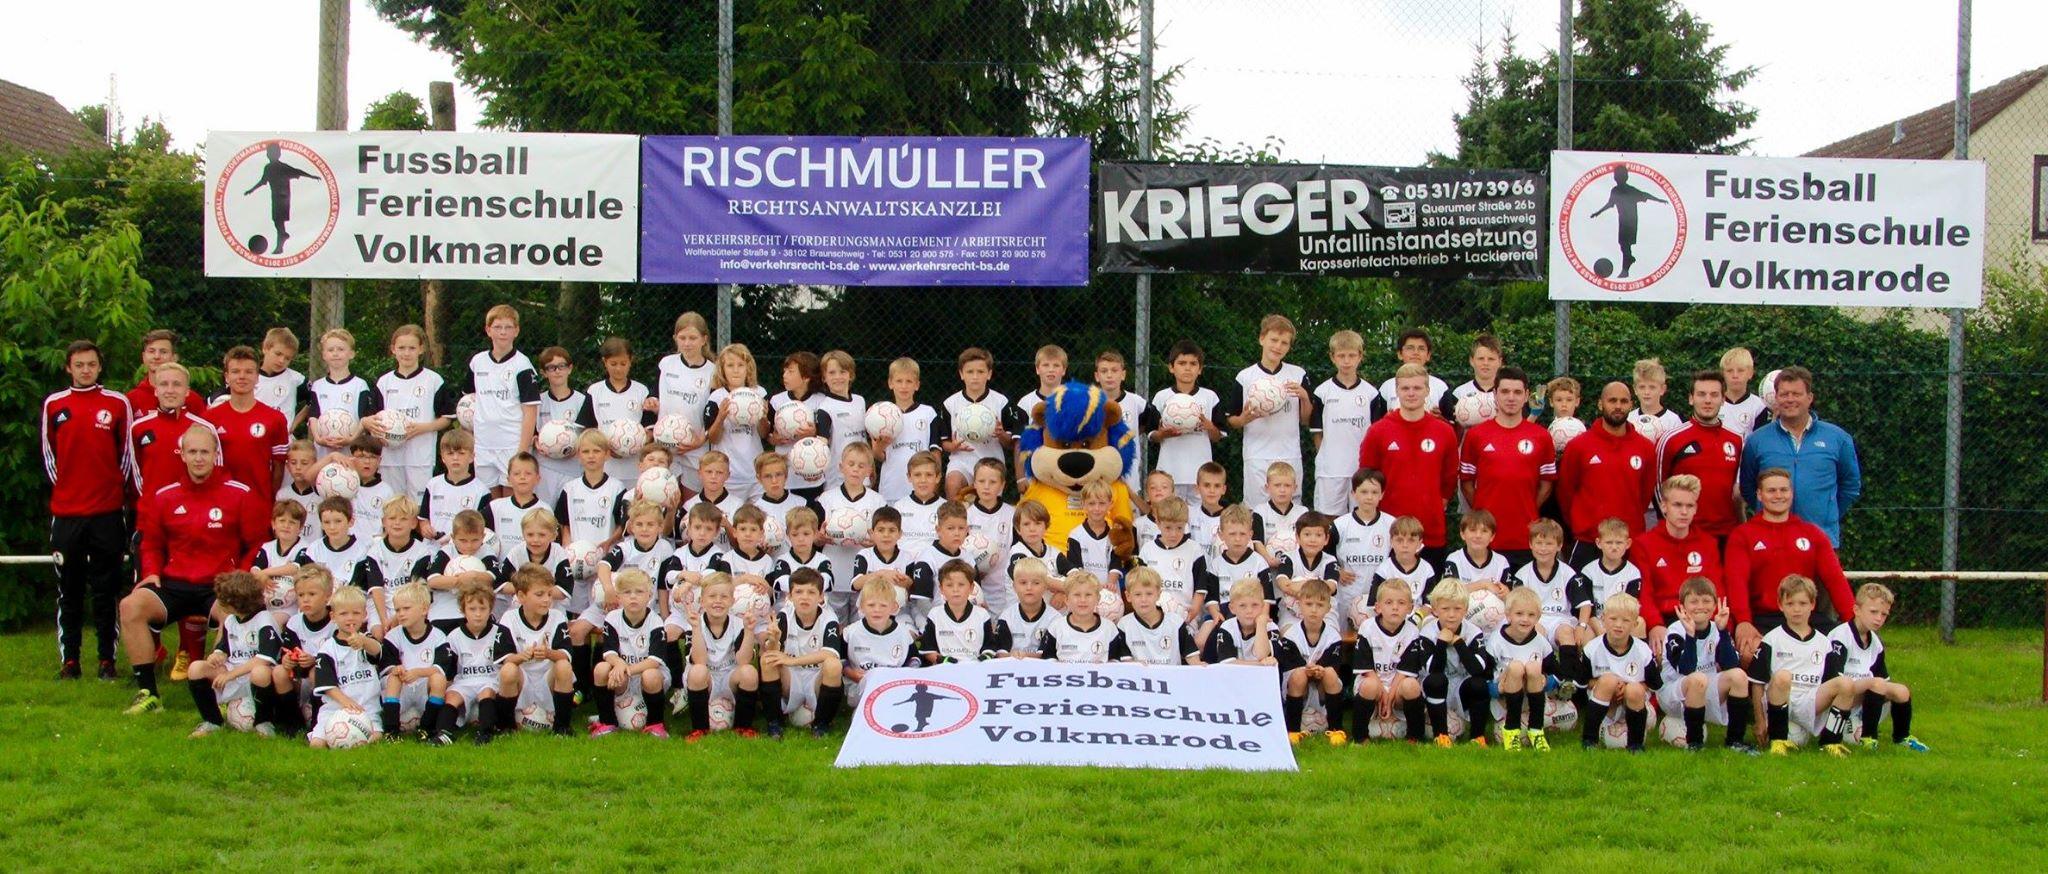 FFS Volkmarode Sommerferienkurs 2015